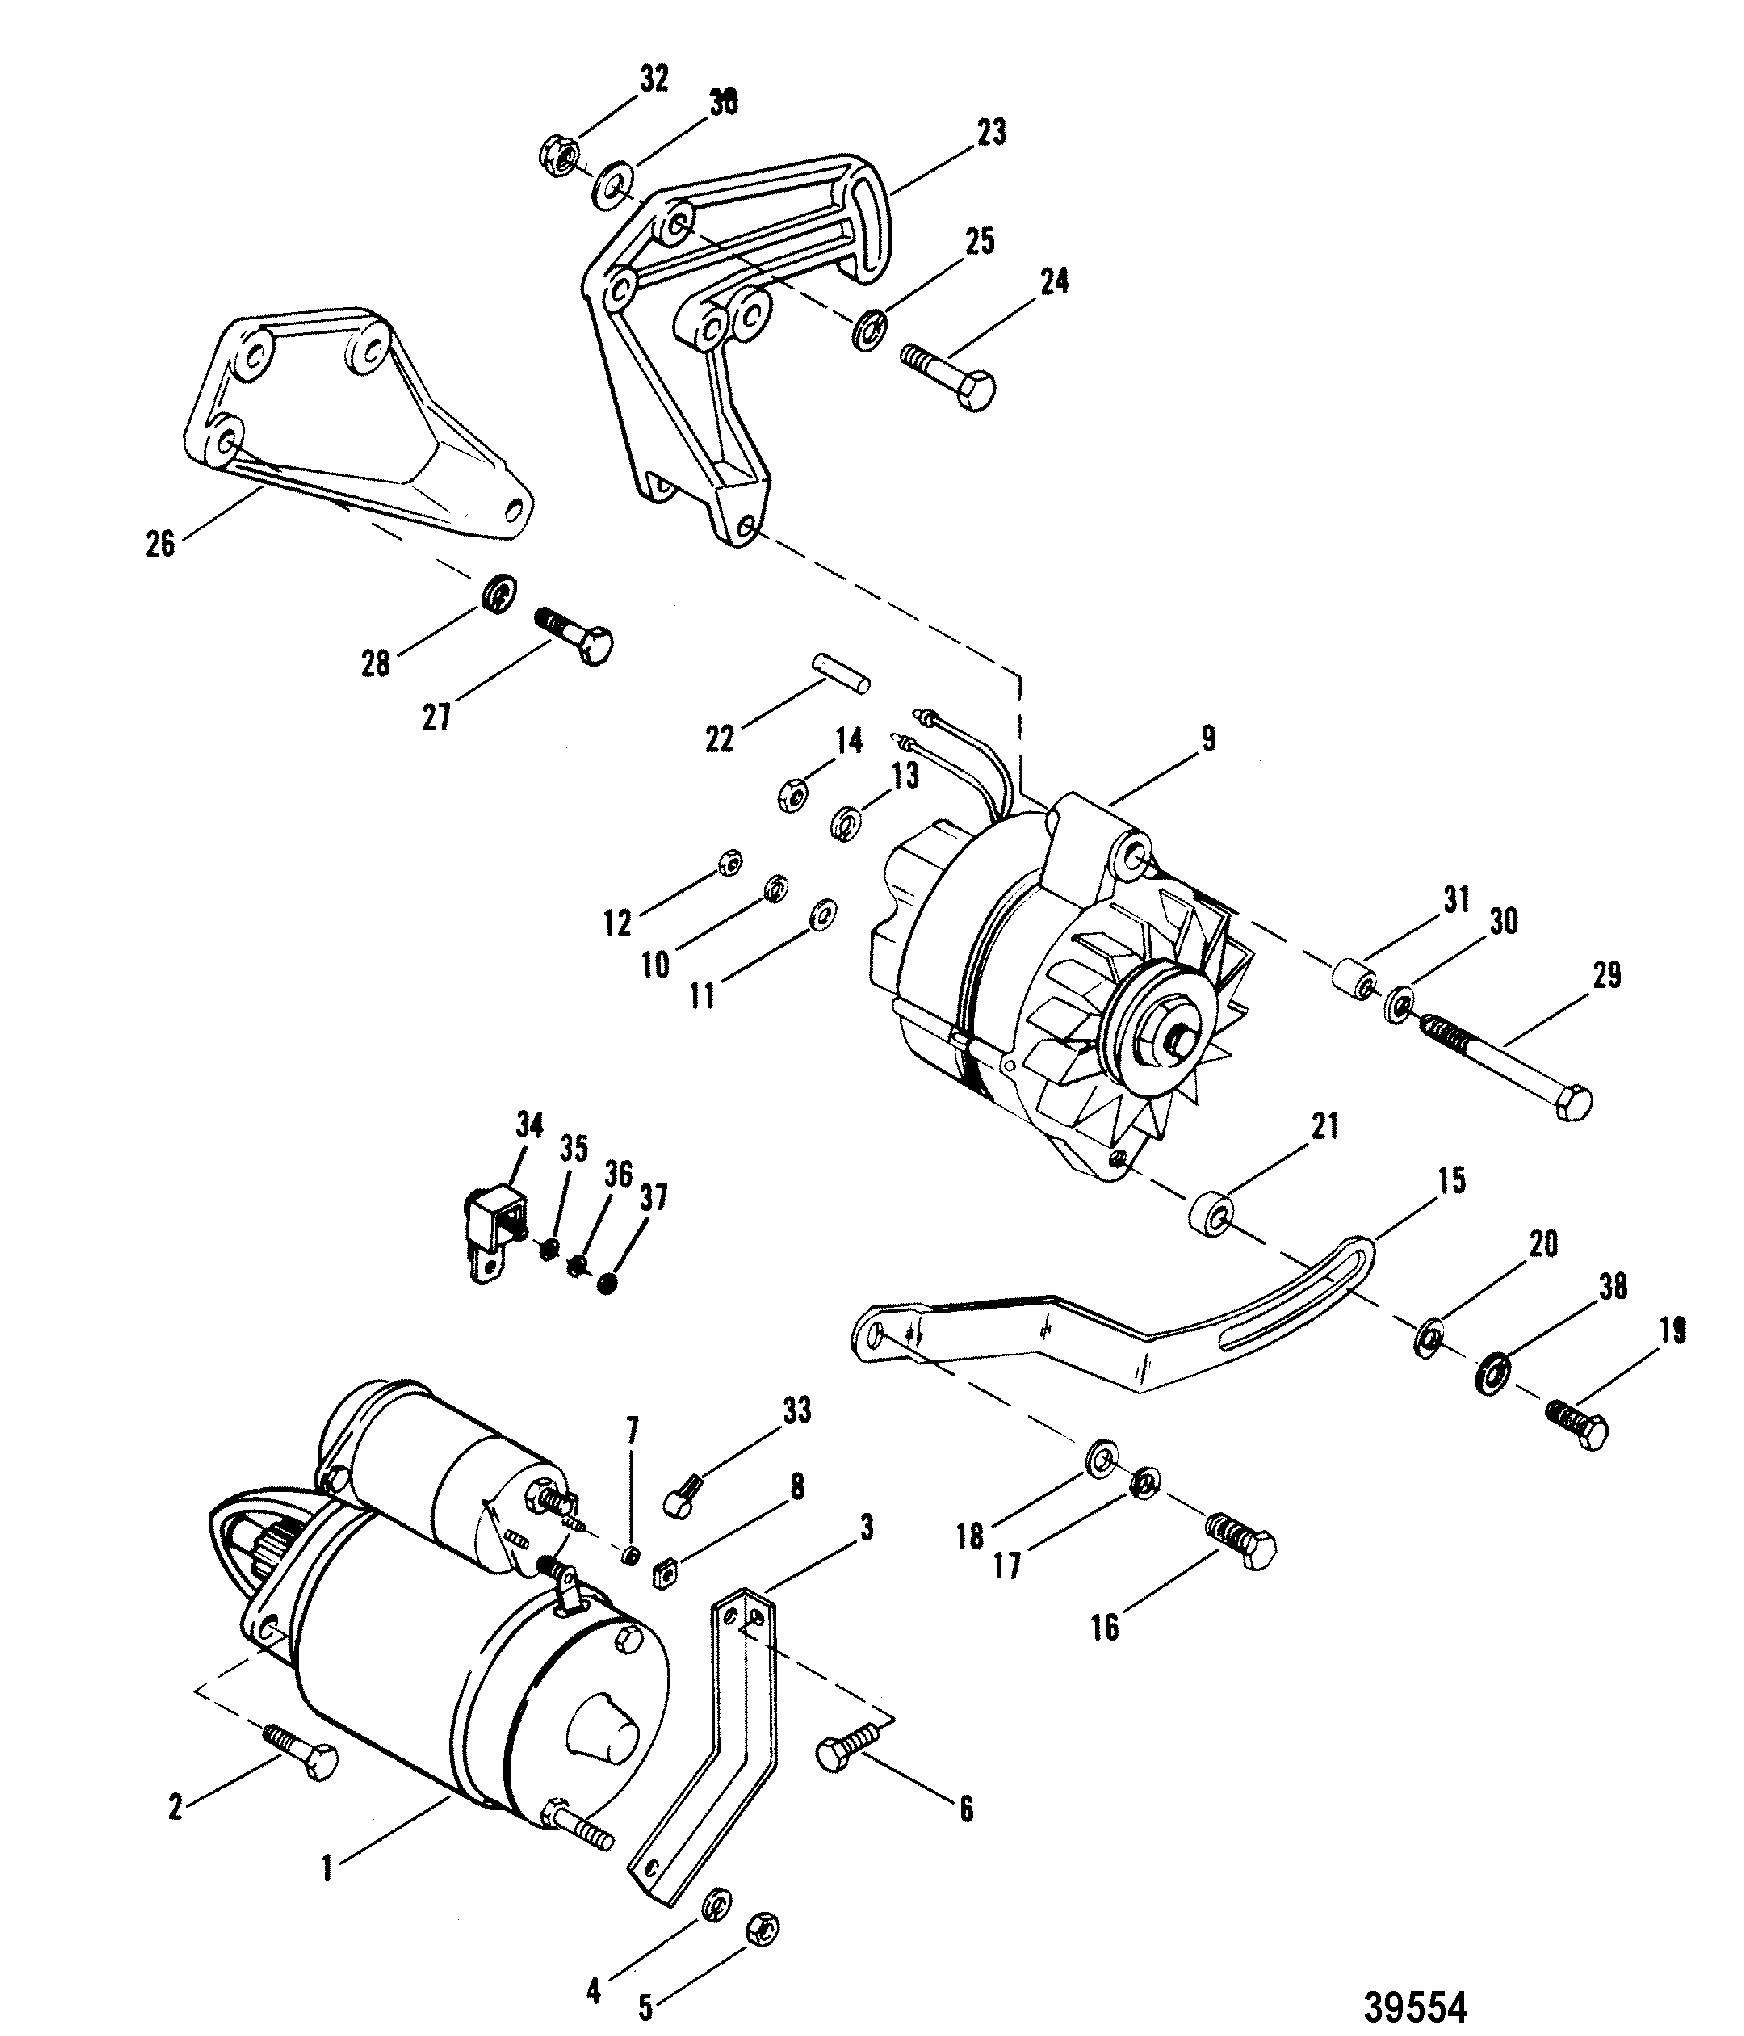 Starter Motor And Alternator For Mercruiser 898 200 228